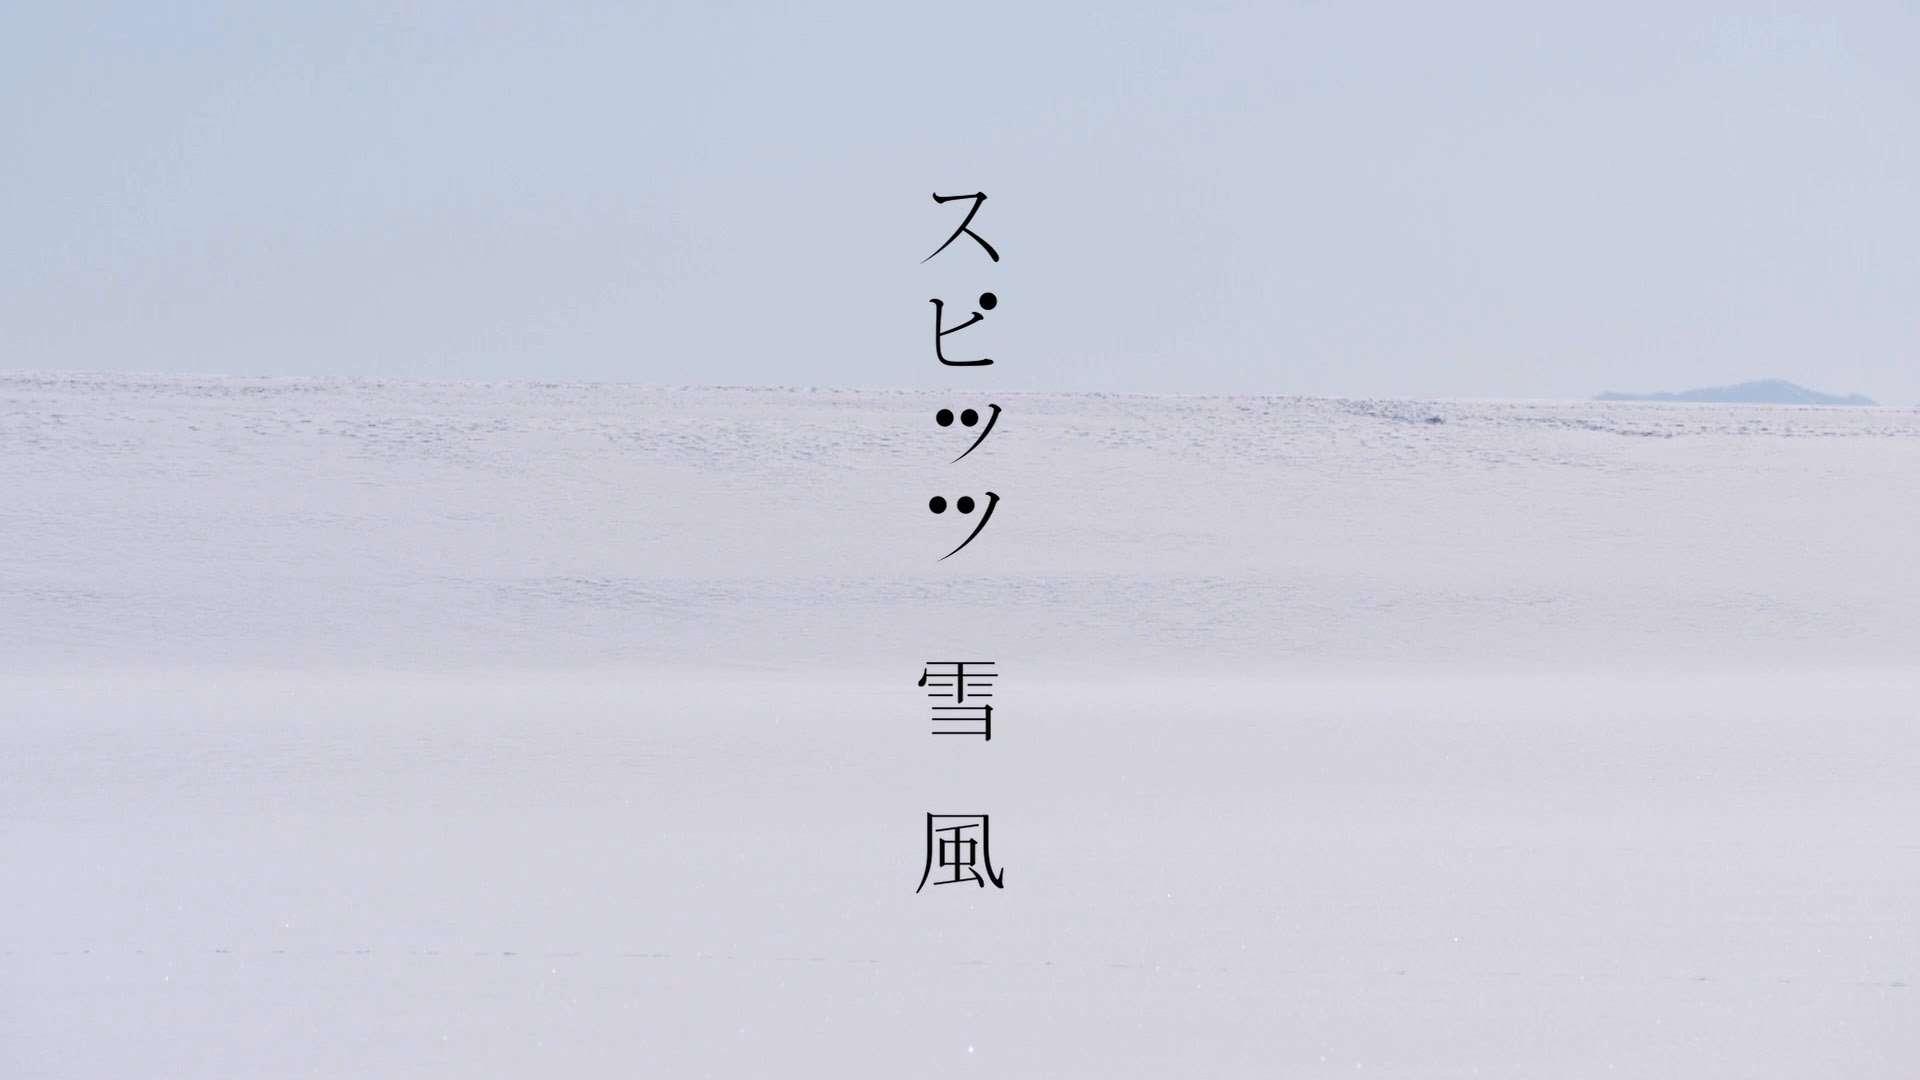 スピッツ - 「雪風」スペシャル映像 - YouTube